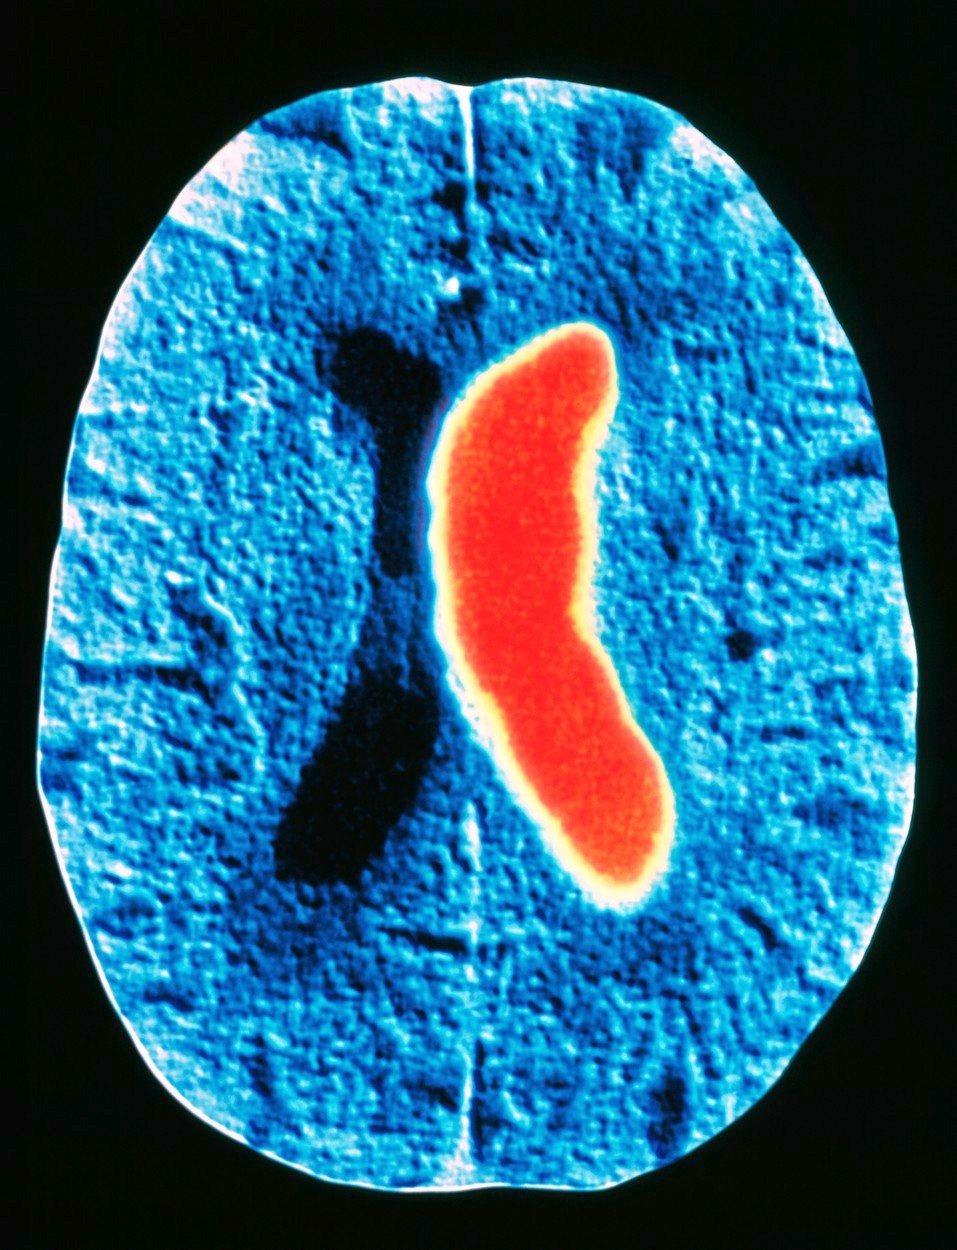 Mozek zasažený cévní mozkovou příhodou